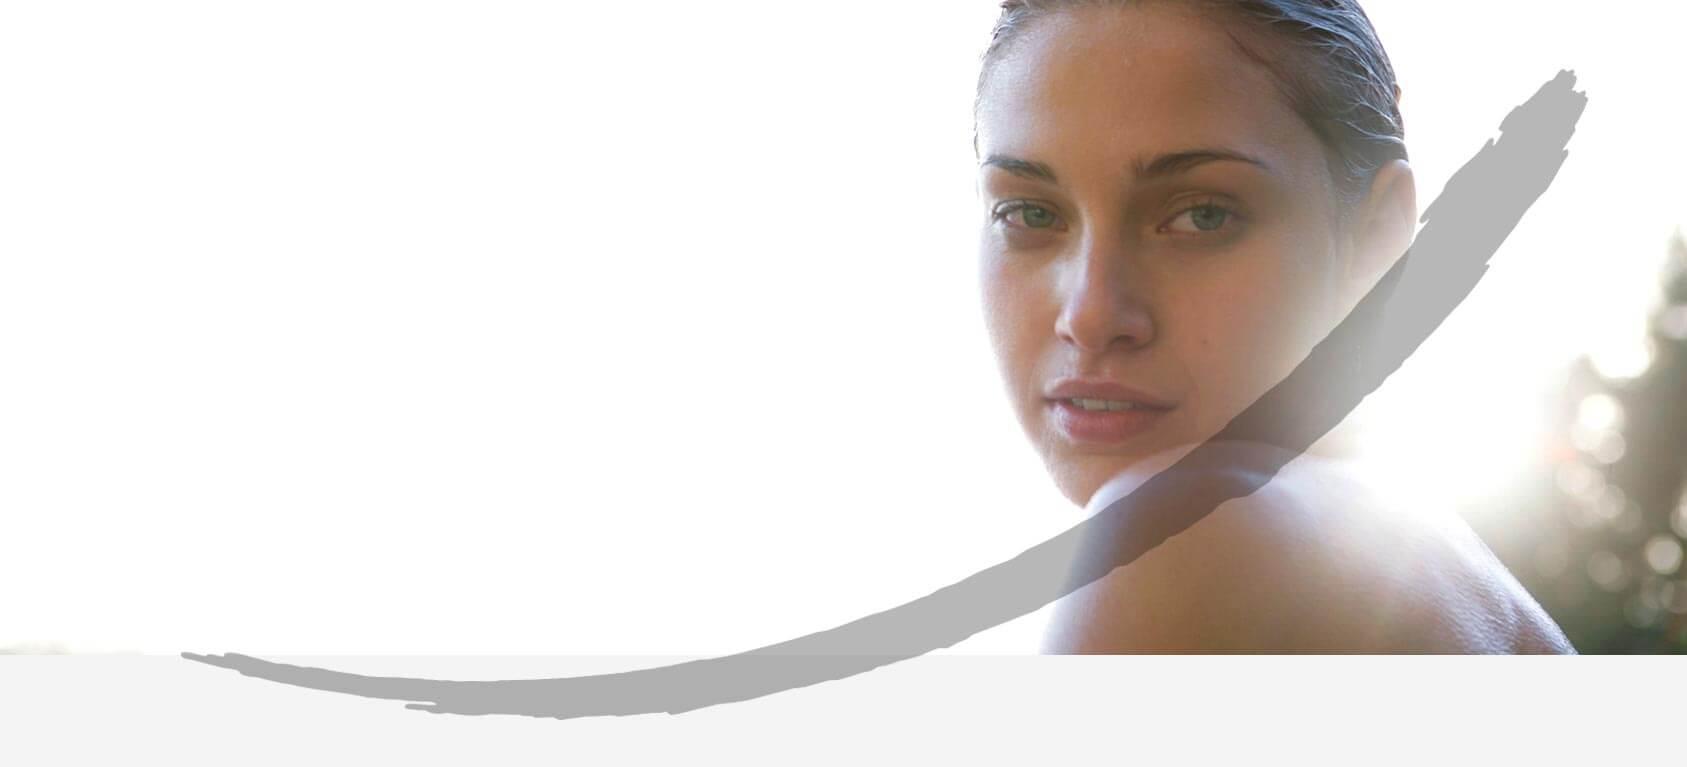 Tratamiento rejuvenecedor no invasivo mediante LPG facial .